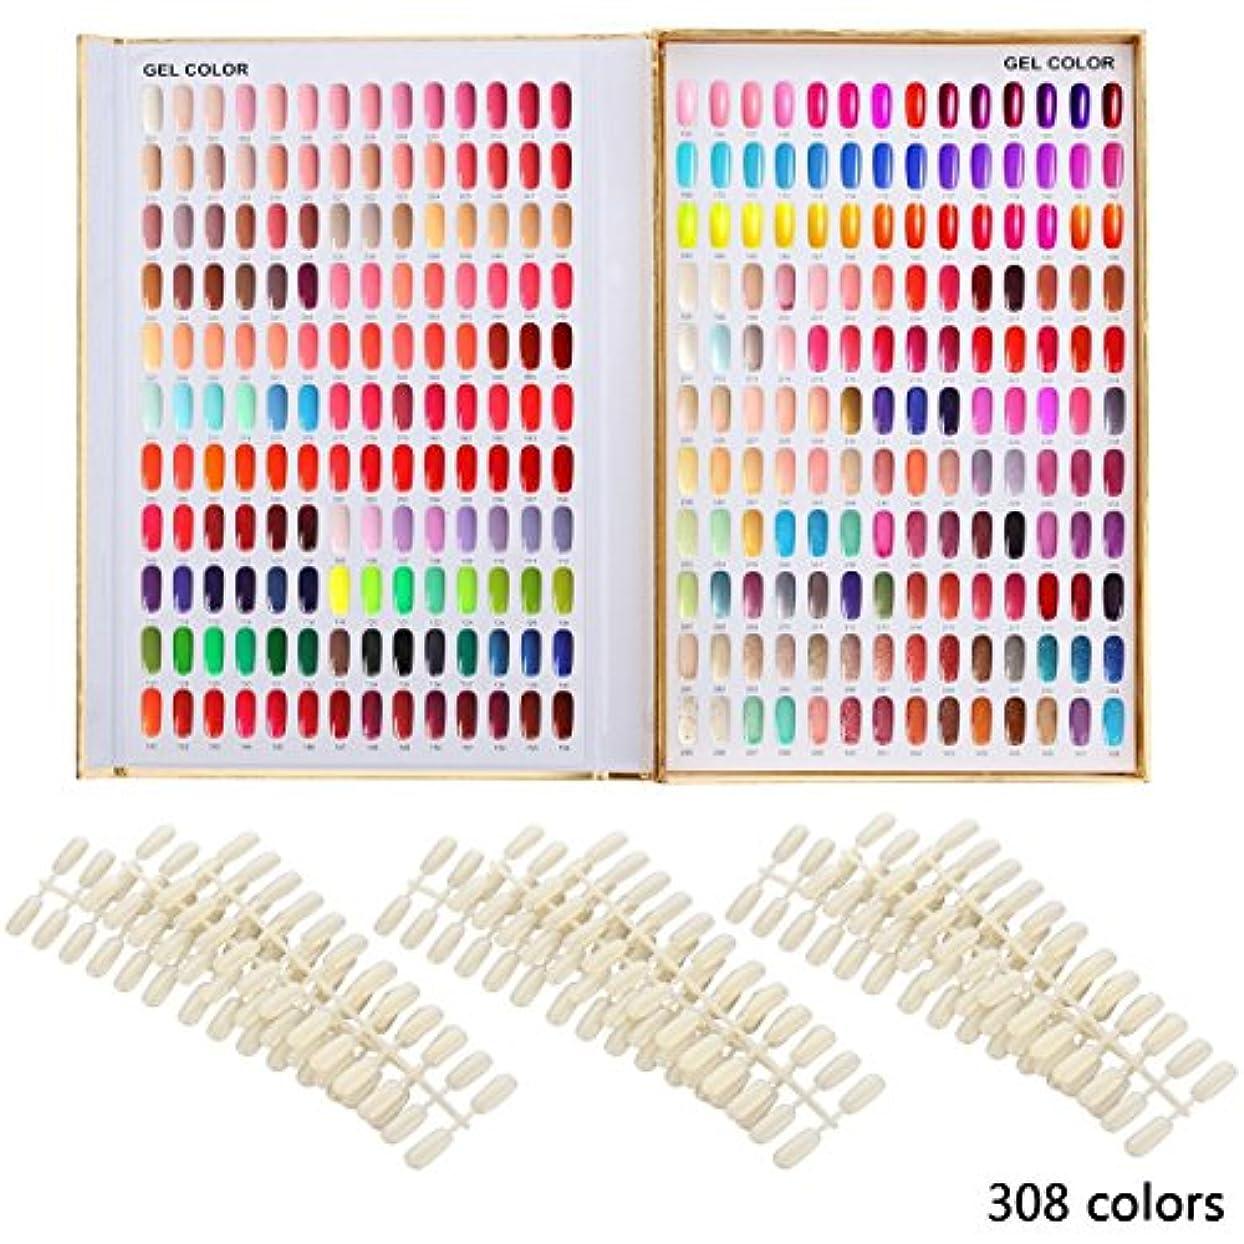 提供された敬の念日曜日カラーチャート ブック ネイルマニキュアカラー色見本 120色/216色/308色 サンプル帳/色見本帳 ゴールデン (308)